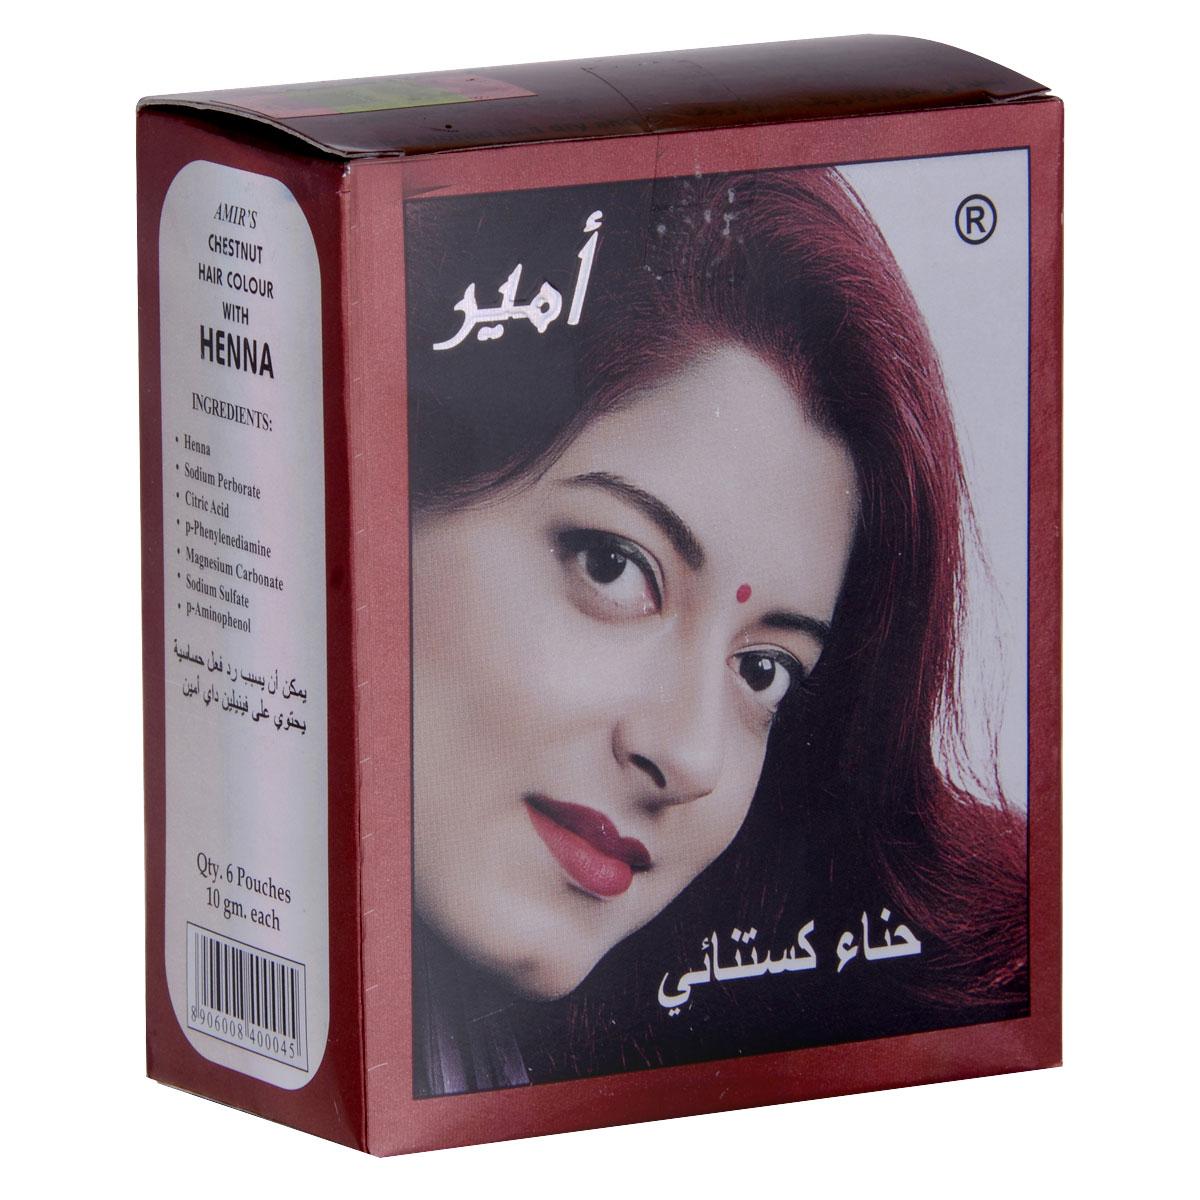 صبغة شعر من امير كستنائي ,10 جرام , 6 ح